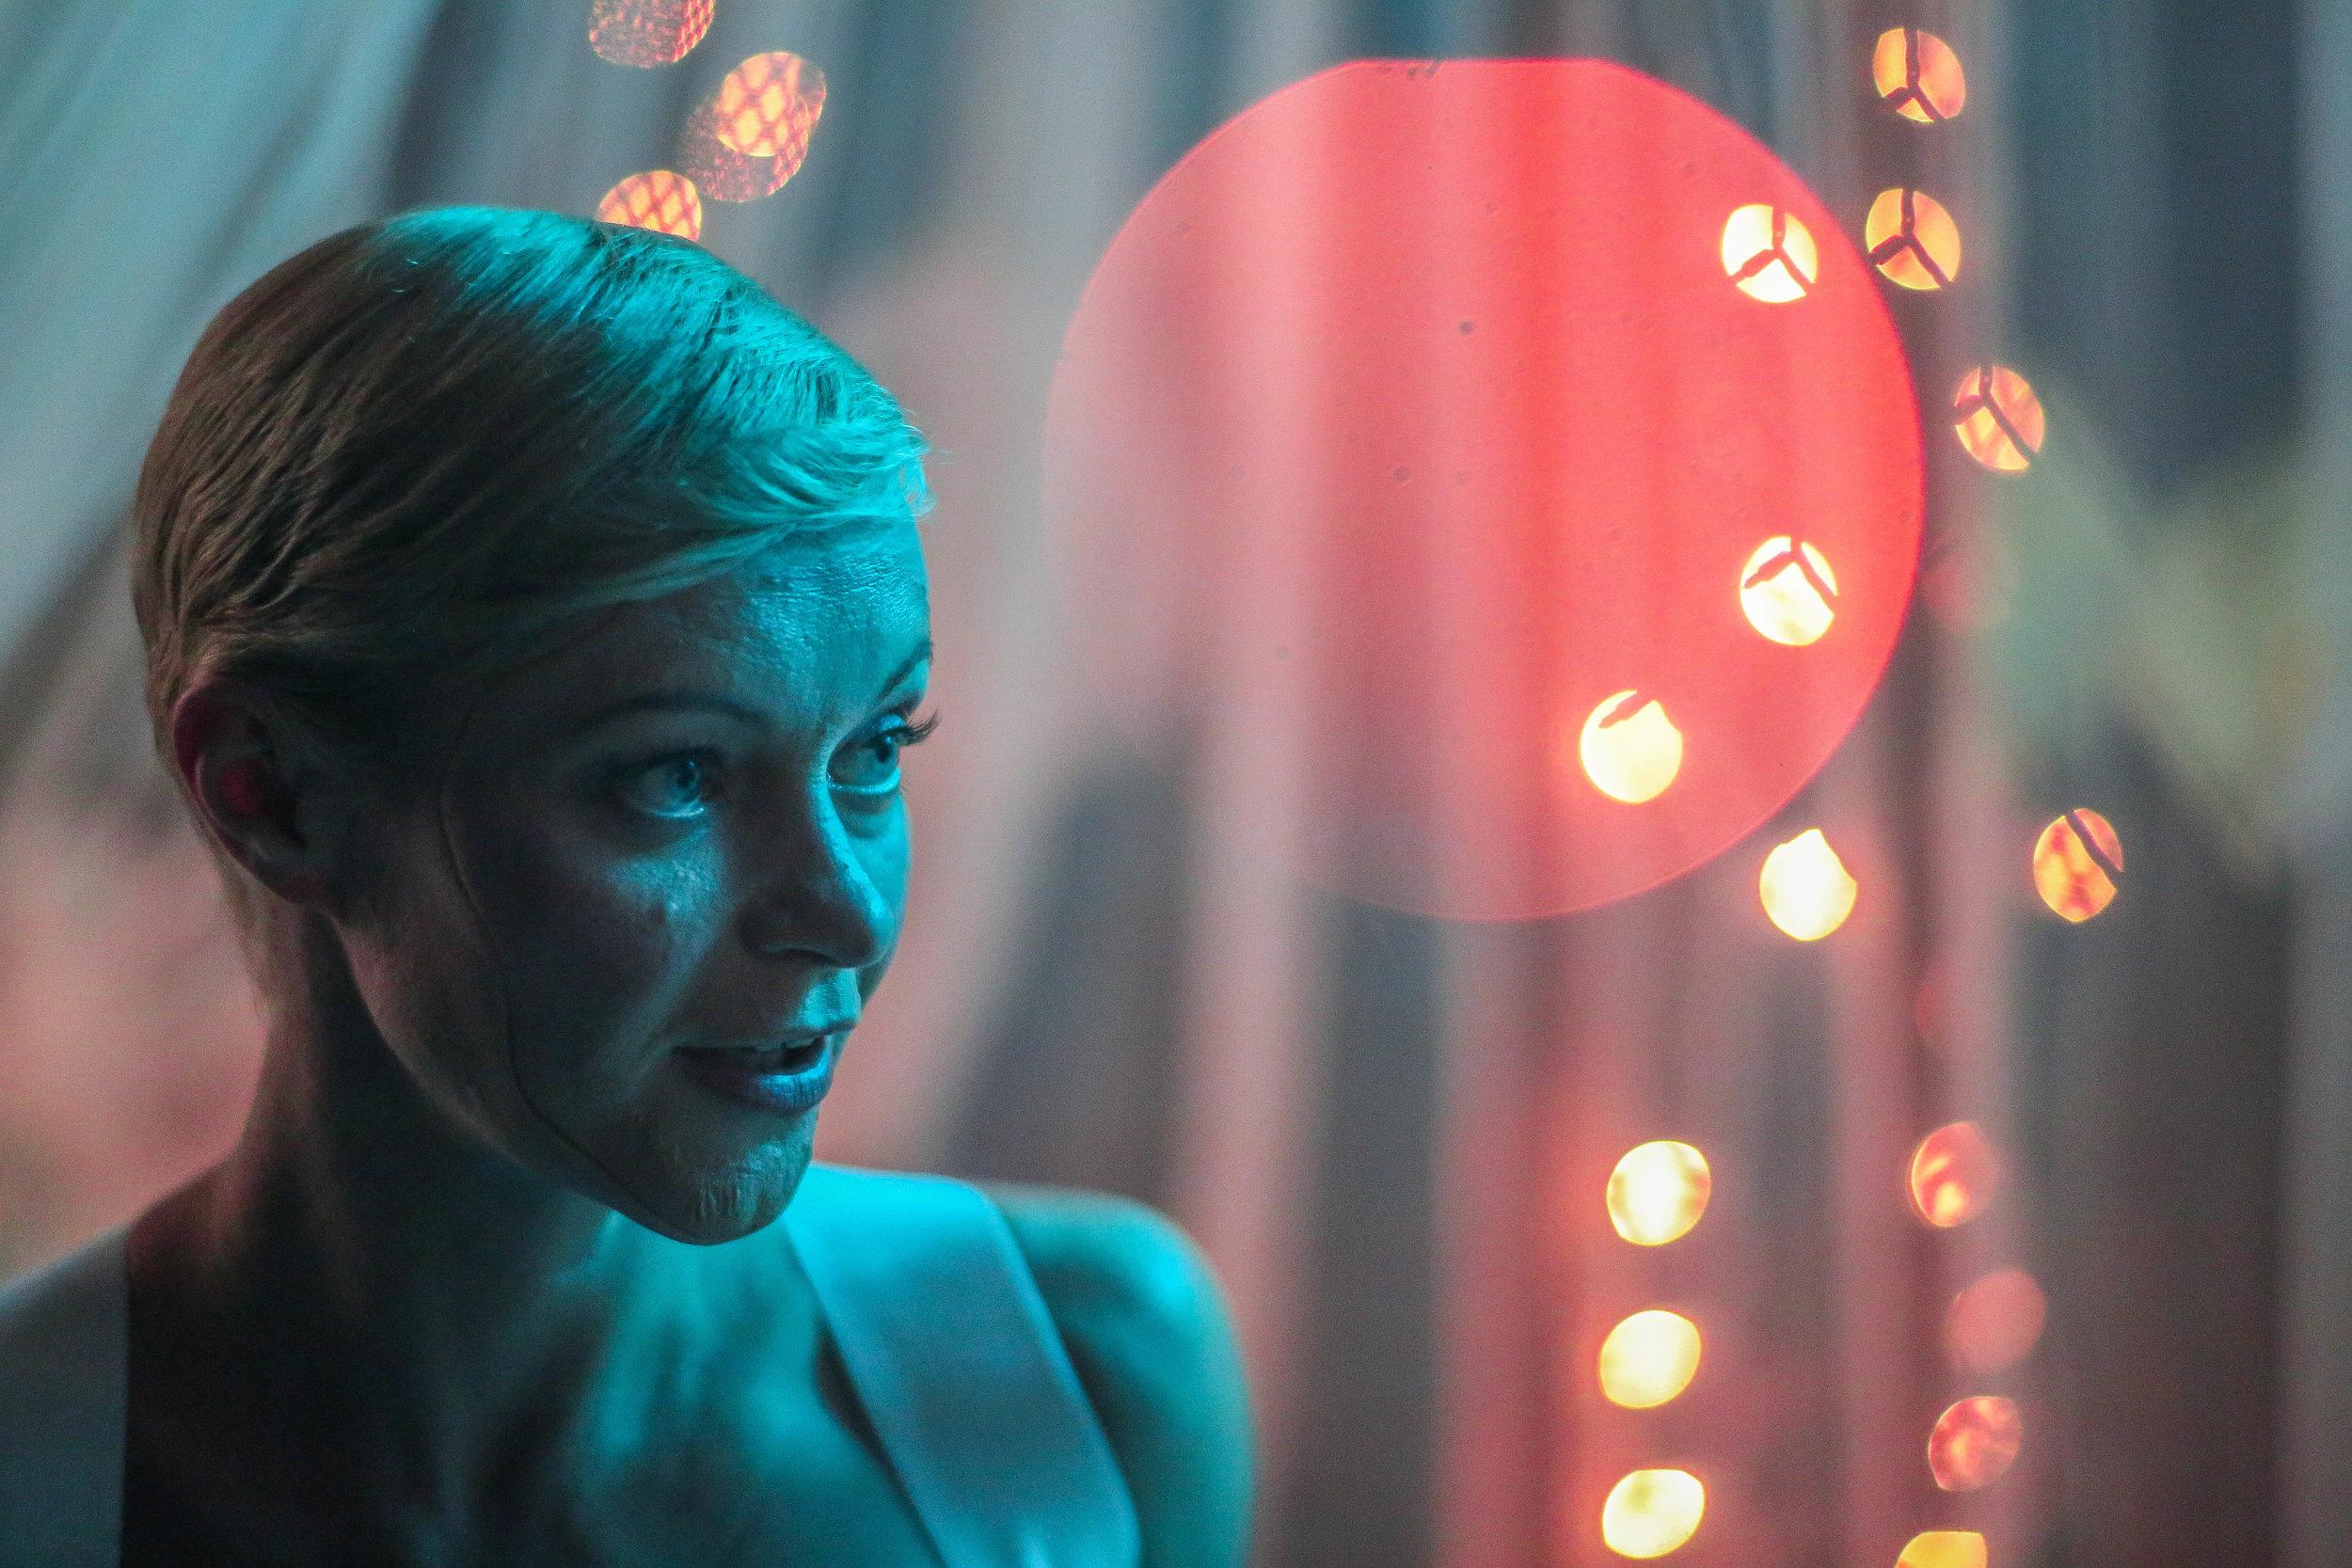 Kestrel Leah as Andromeda. Photo credit Di Wei.